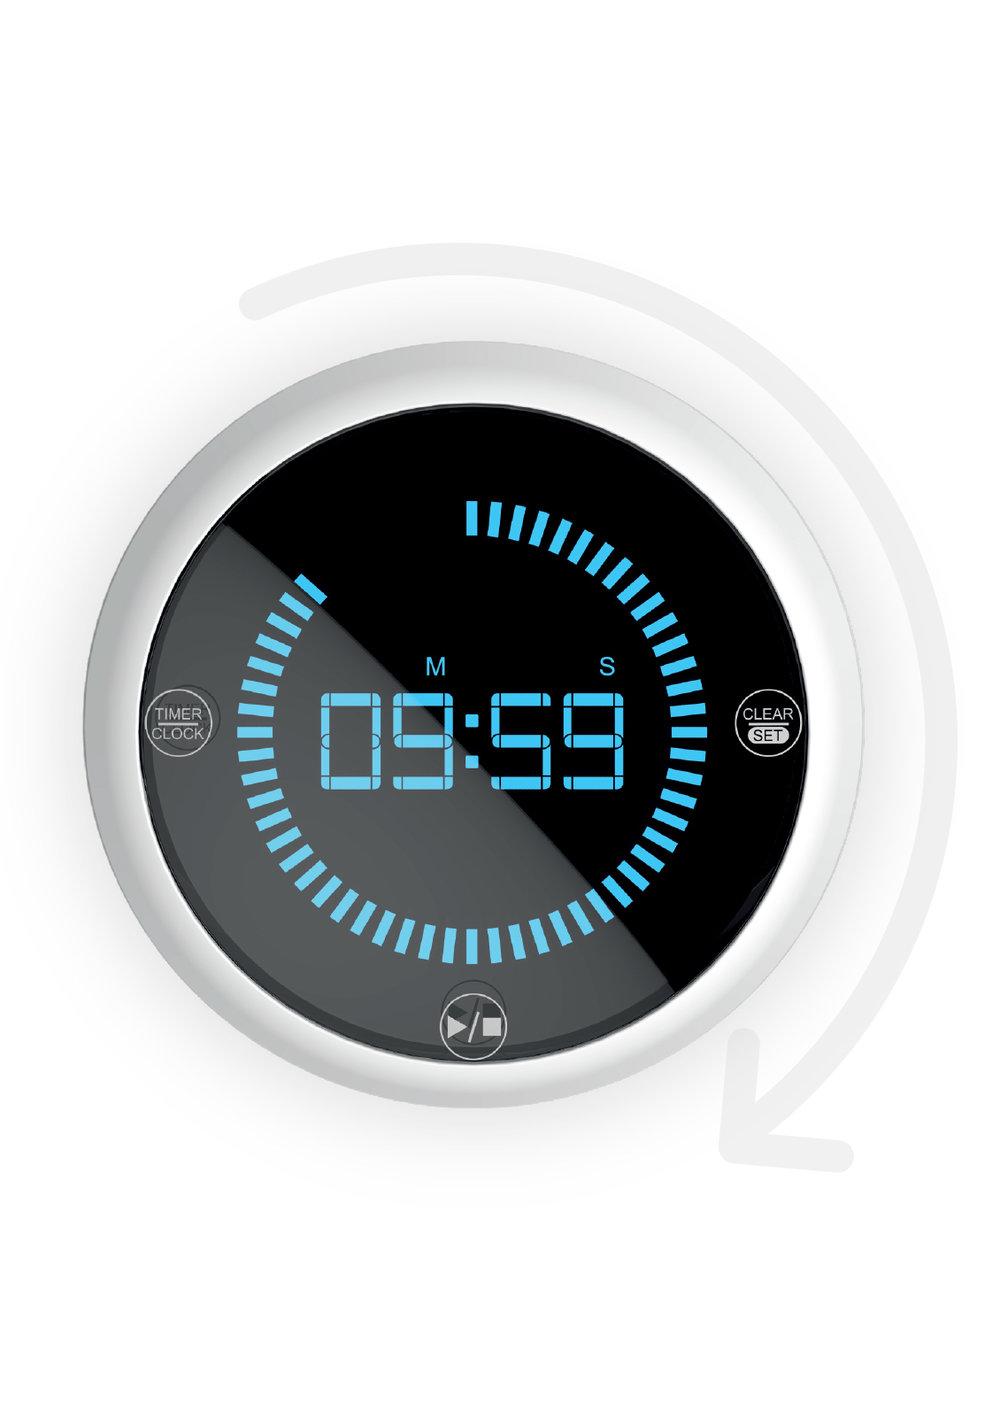 TIMER CURVE - • Minuteur rotatif• Touches sensitives• Design ergonomiaue• Base antidérapante magnétique50026 CURVE Timer